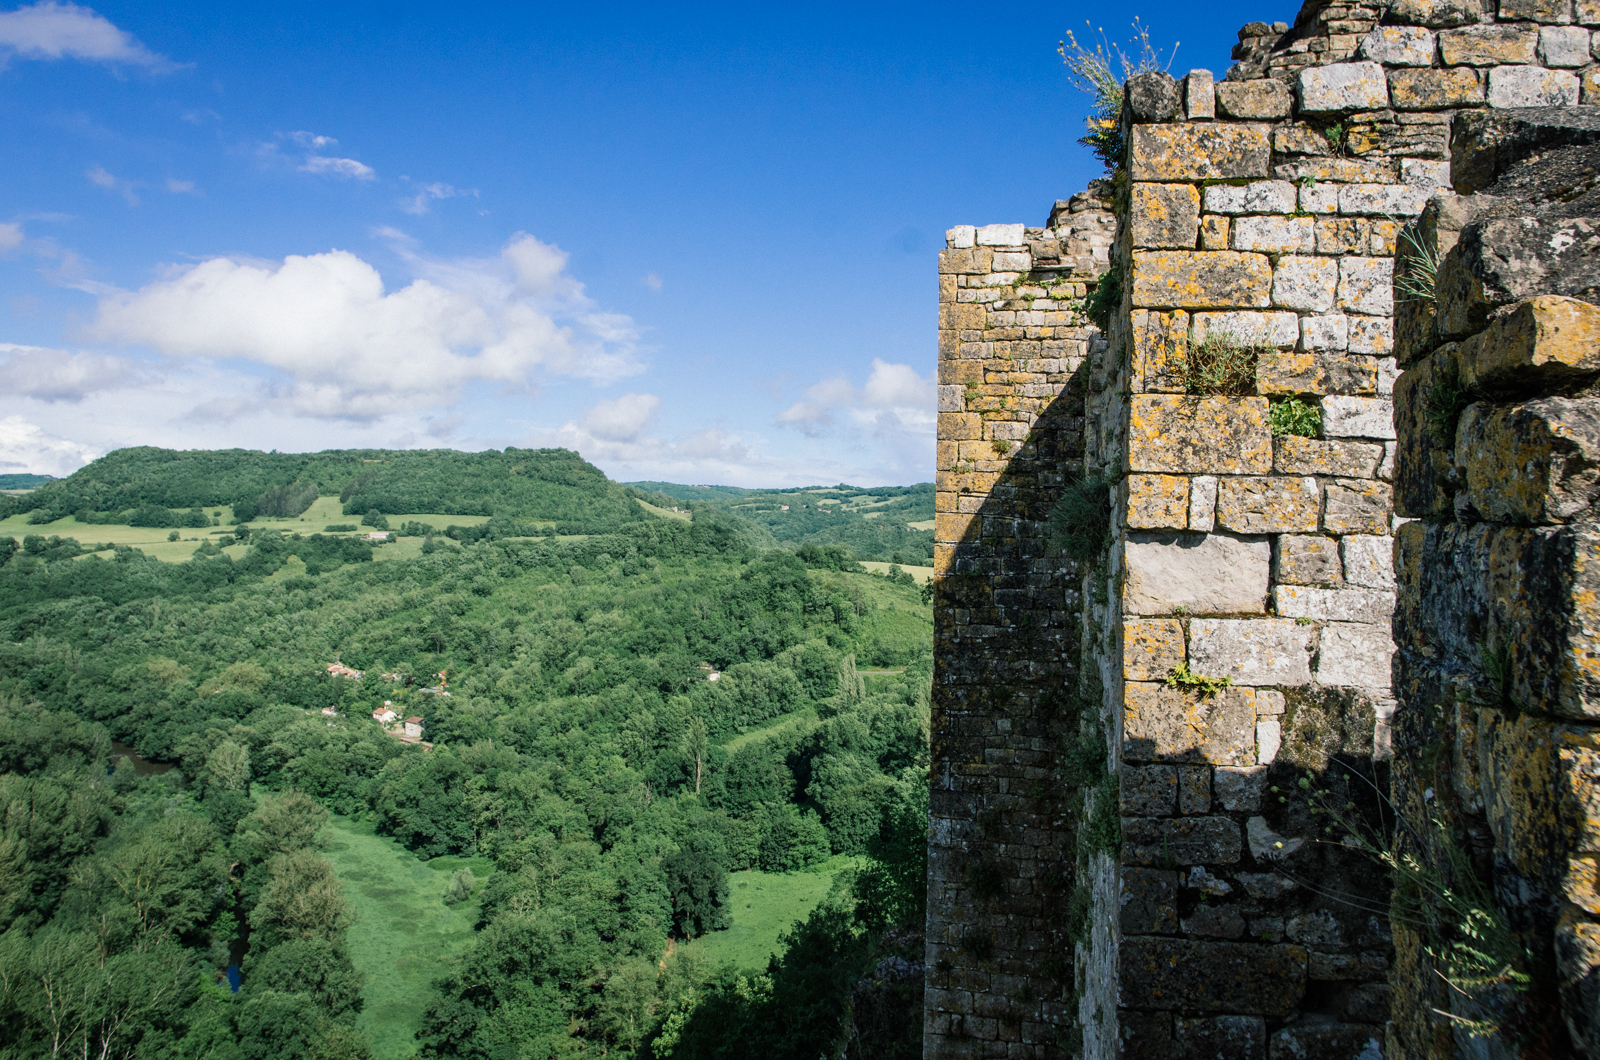 Randonnée dans les gorges de l'Aveyron sur le GR46 - Le chateau de Penne